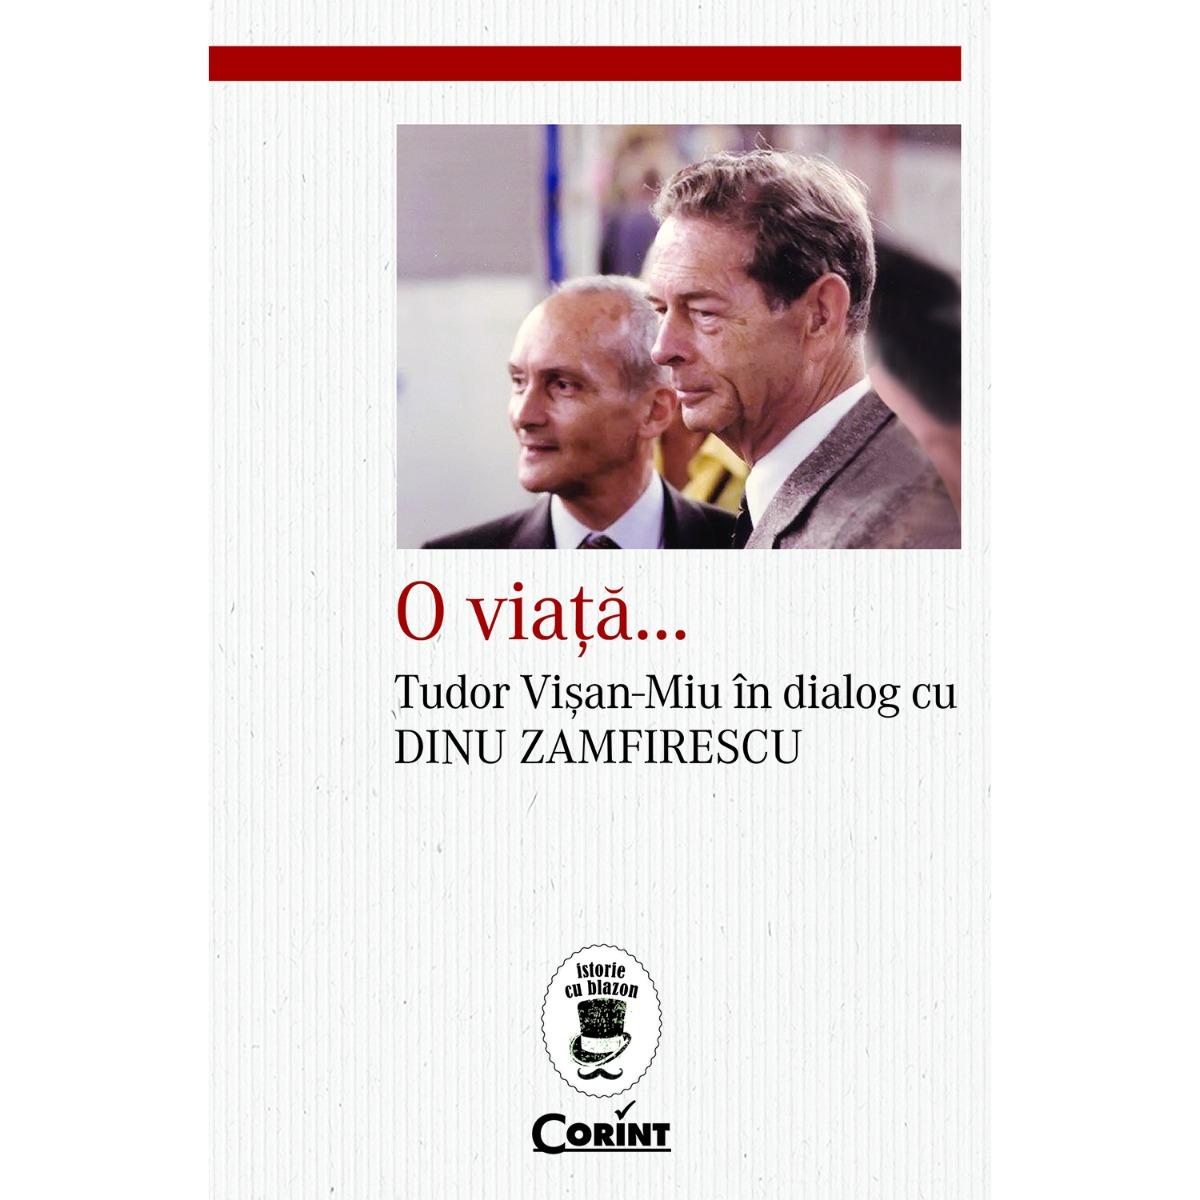 Carte Editura Corint, O viata. Tudor Visan-Miu in dialog cu Dinu Zamfirescu, Dinu Zamfirescu, Tudor Visan-Miu imagine